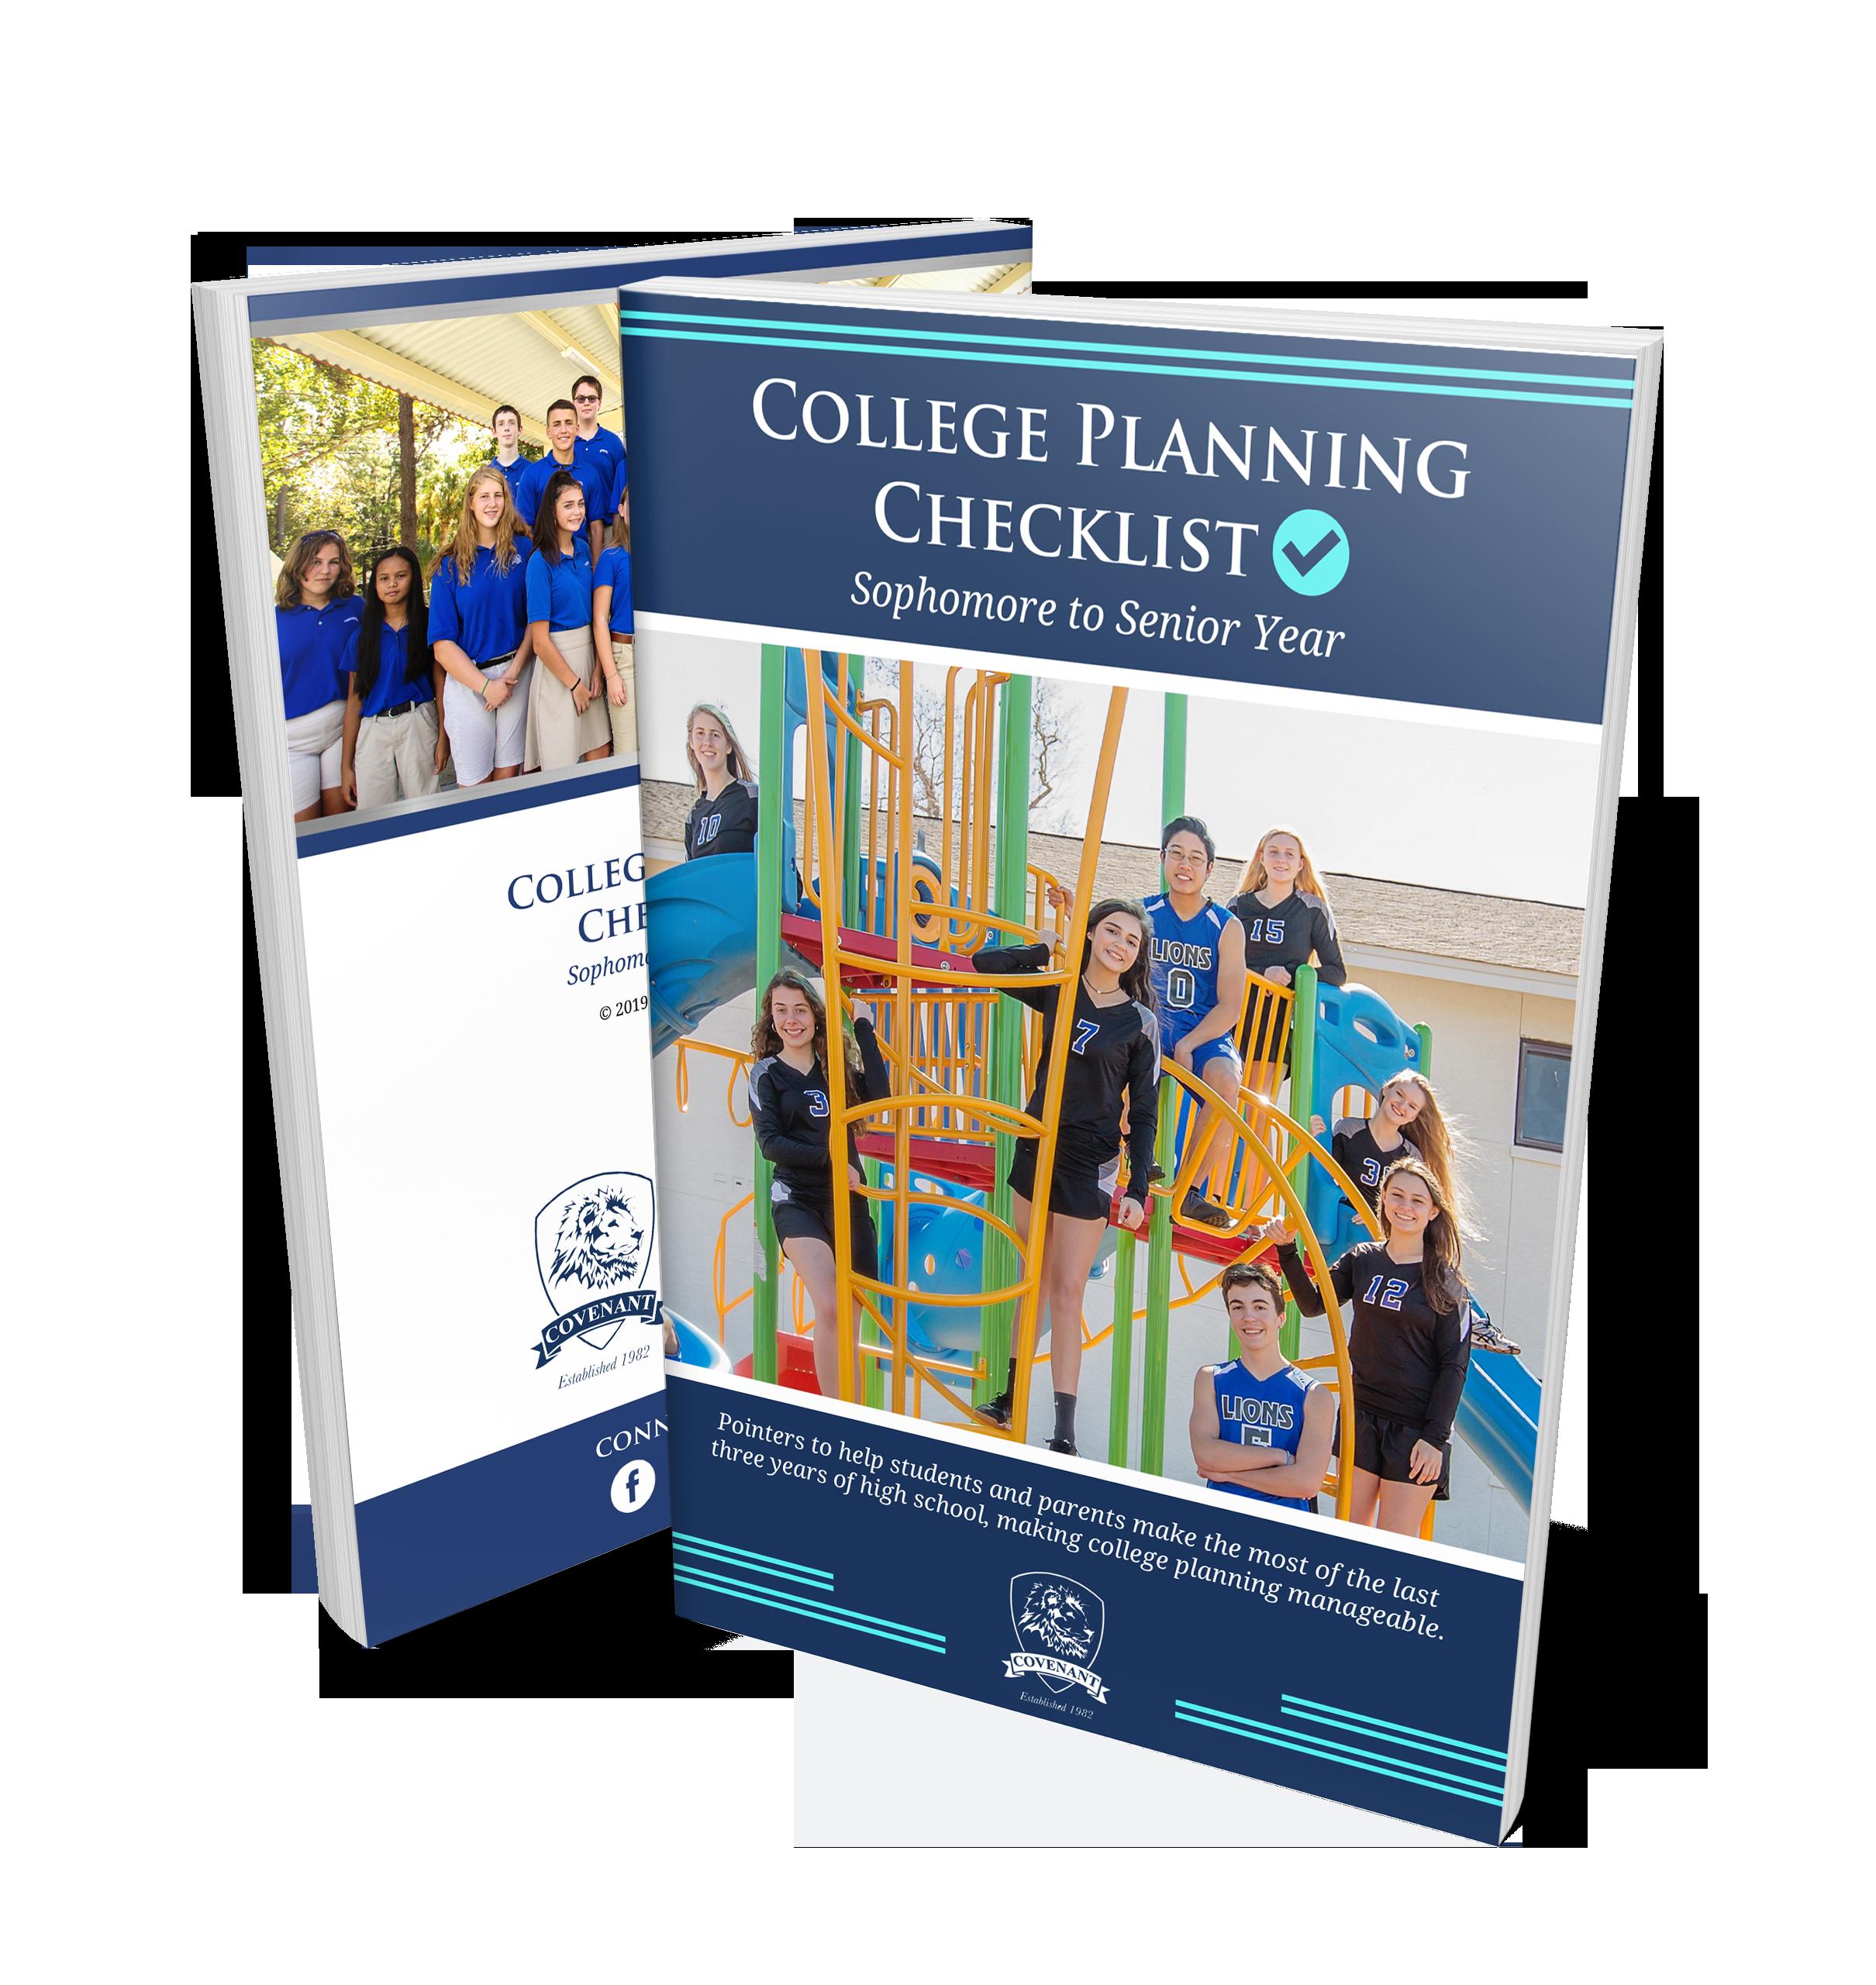 College Planning Checklist: Sophomore to Senior Year